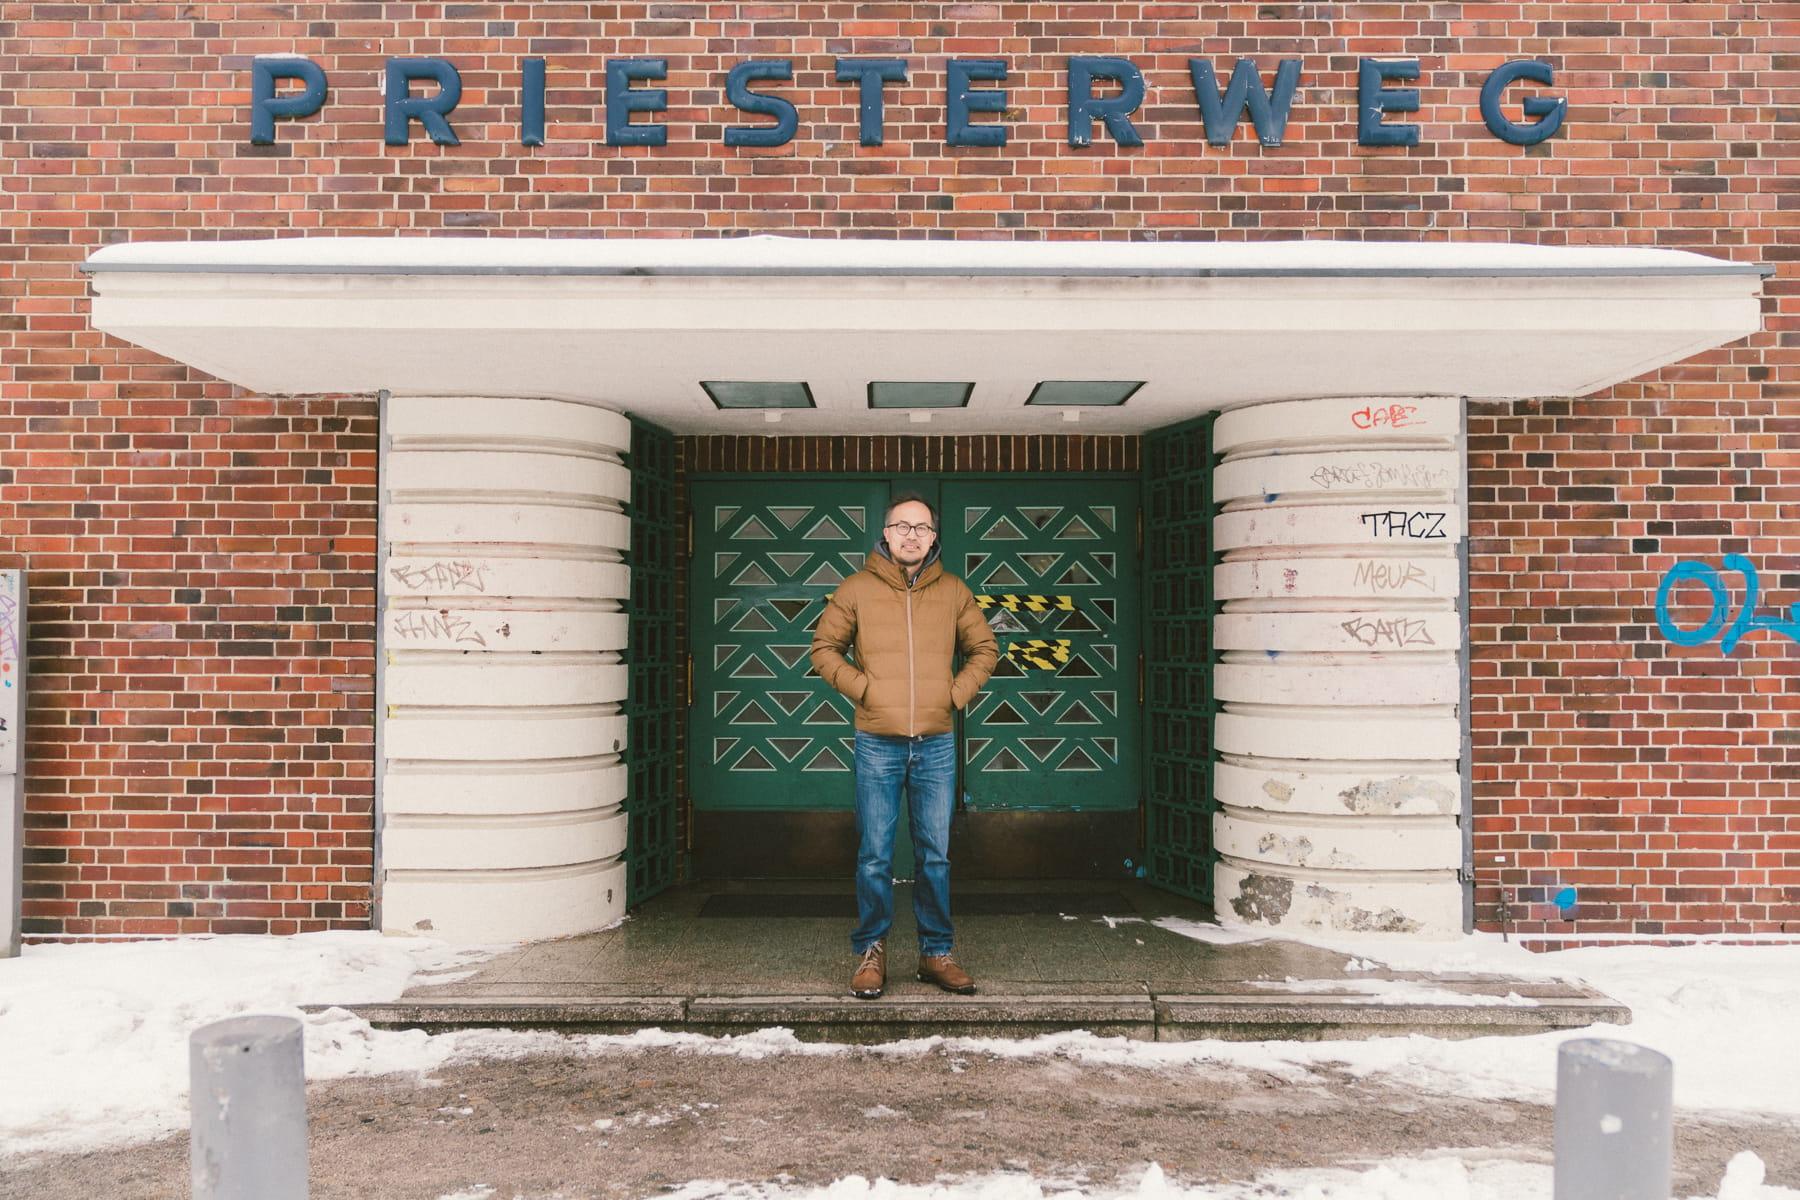 Mikio vor der Fassade des Priesterweg in Berlin.